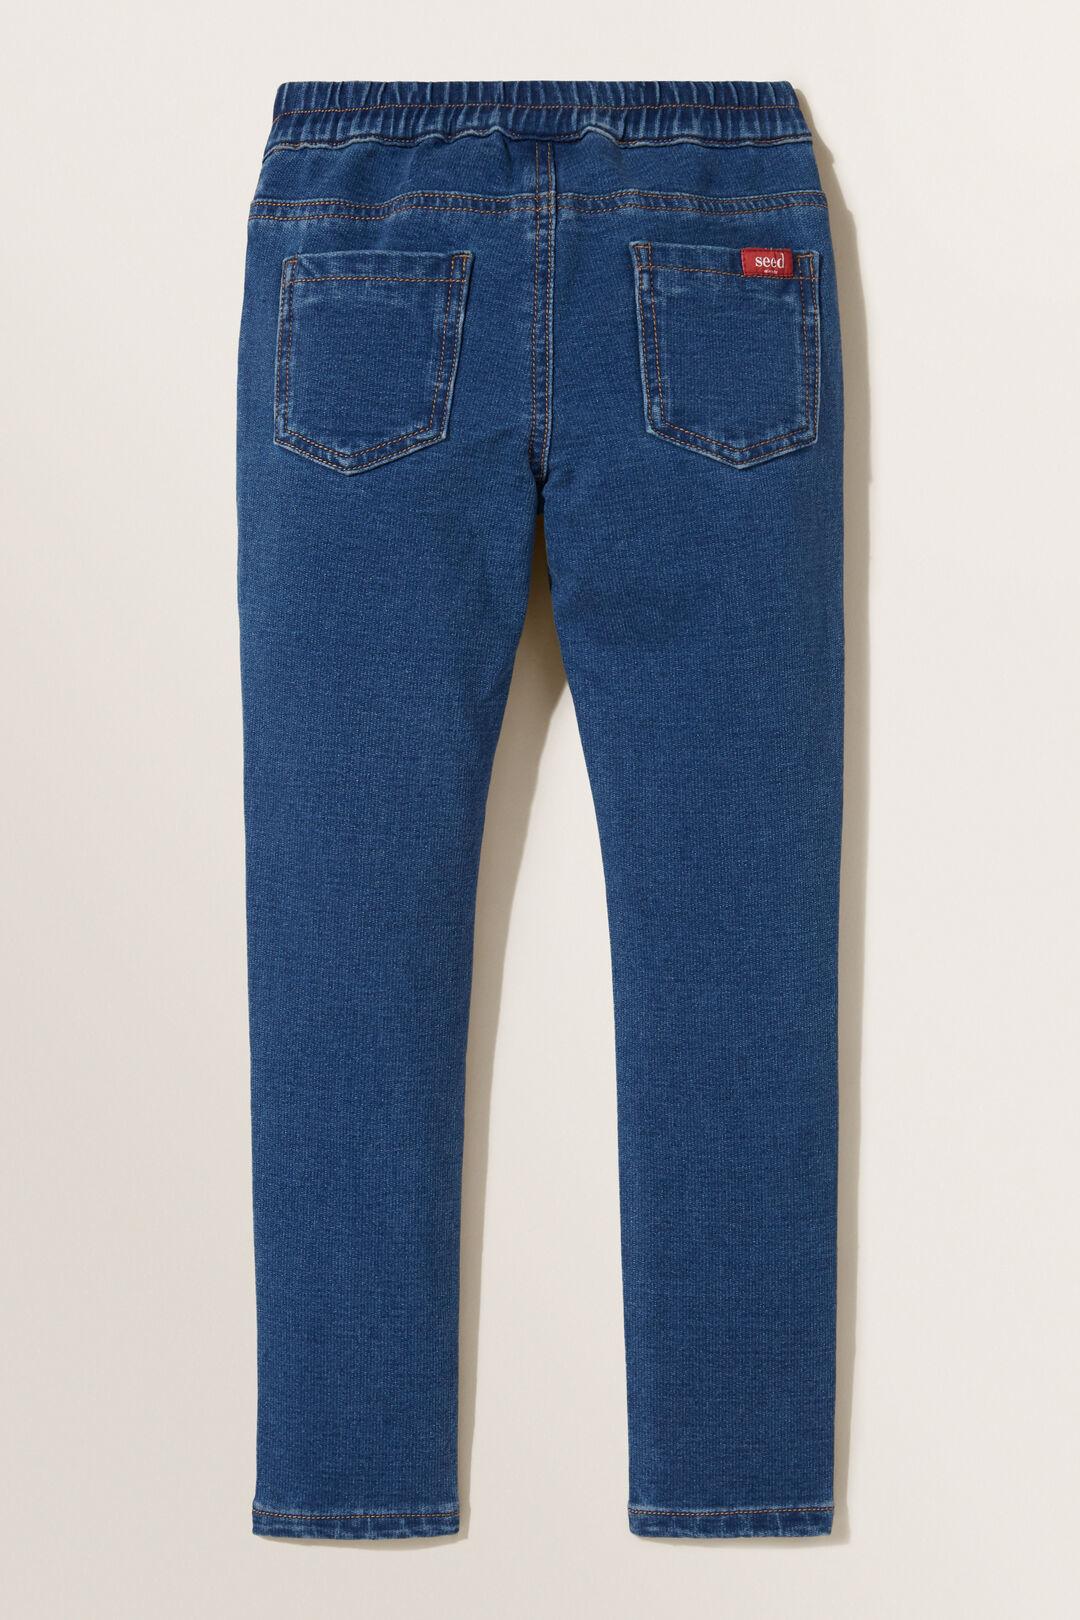 Ponte Jeans  CLASSIC INDIGO  hi-res